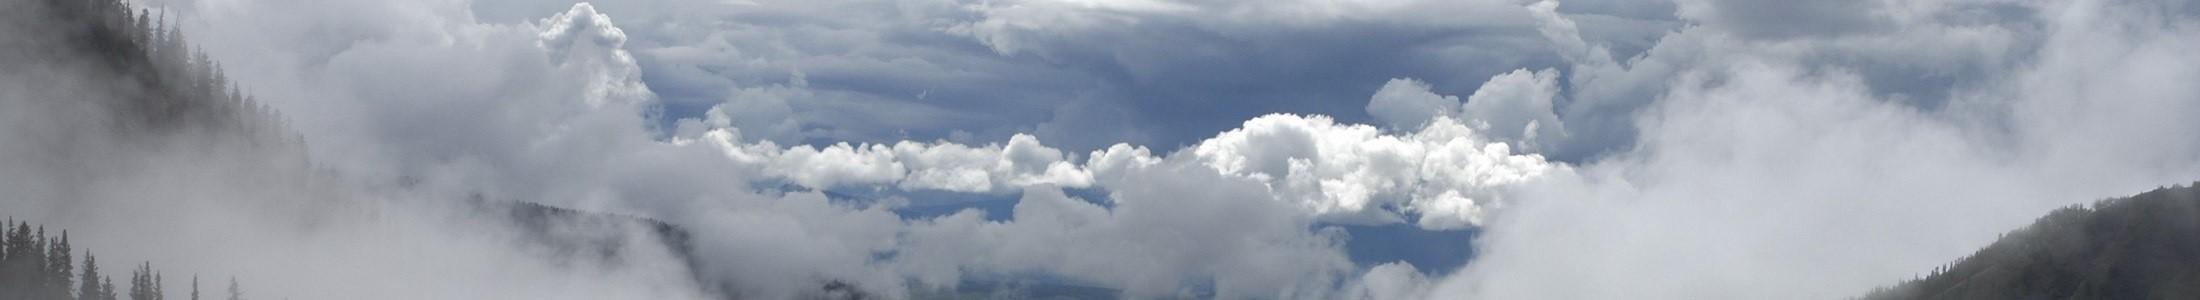 wat is de cloud